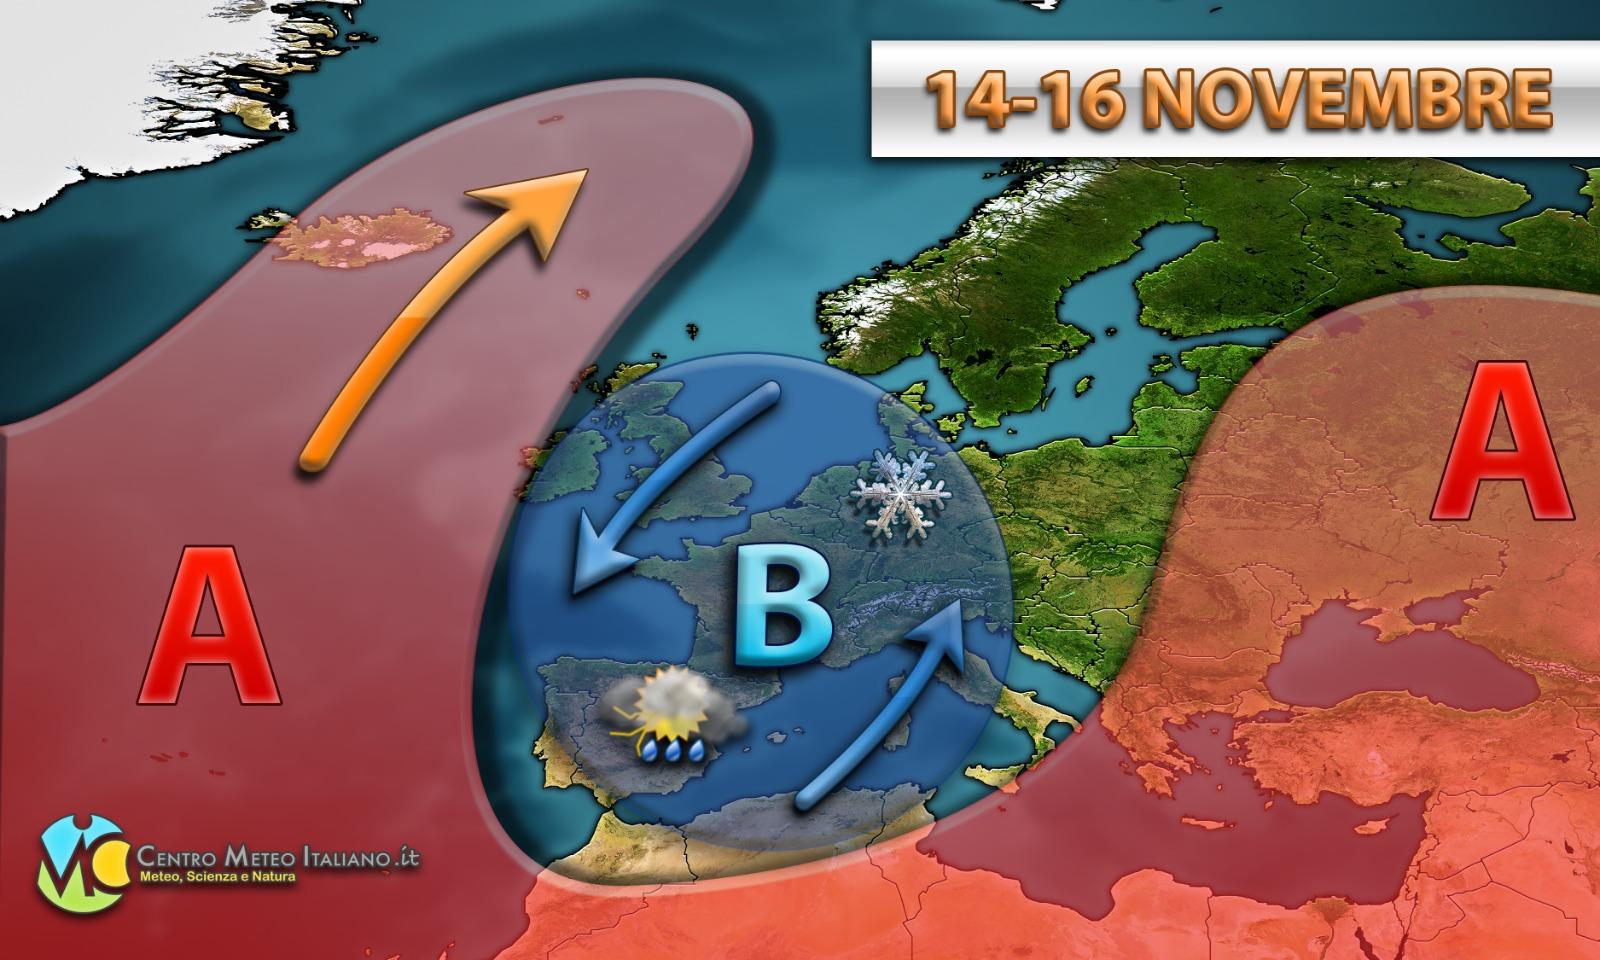 Nuova irruzione polare entro il prossimo weekend, affondo più occidentale rispetto agli ultimi rinvenuti.